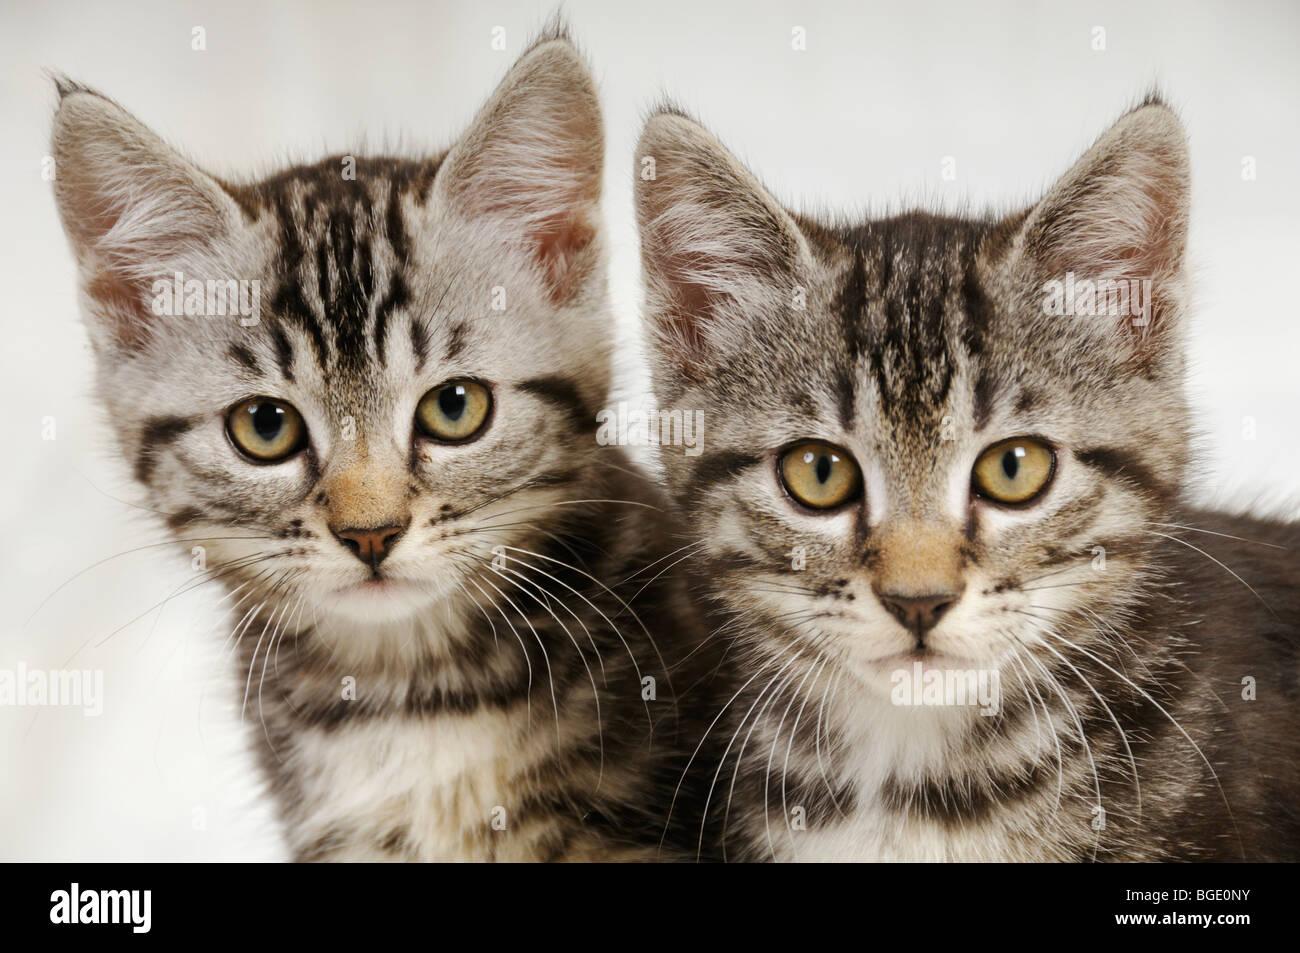 Stock photo de deux chatons regardant droit devant la caméra. Photo Stock